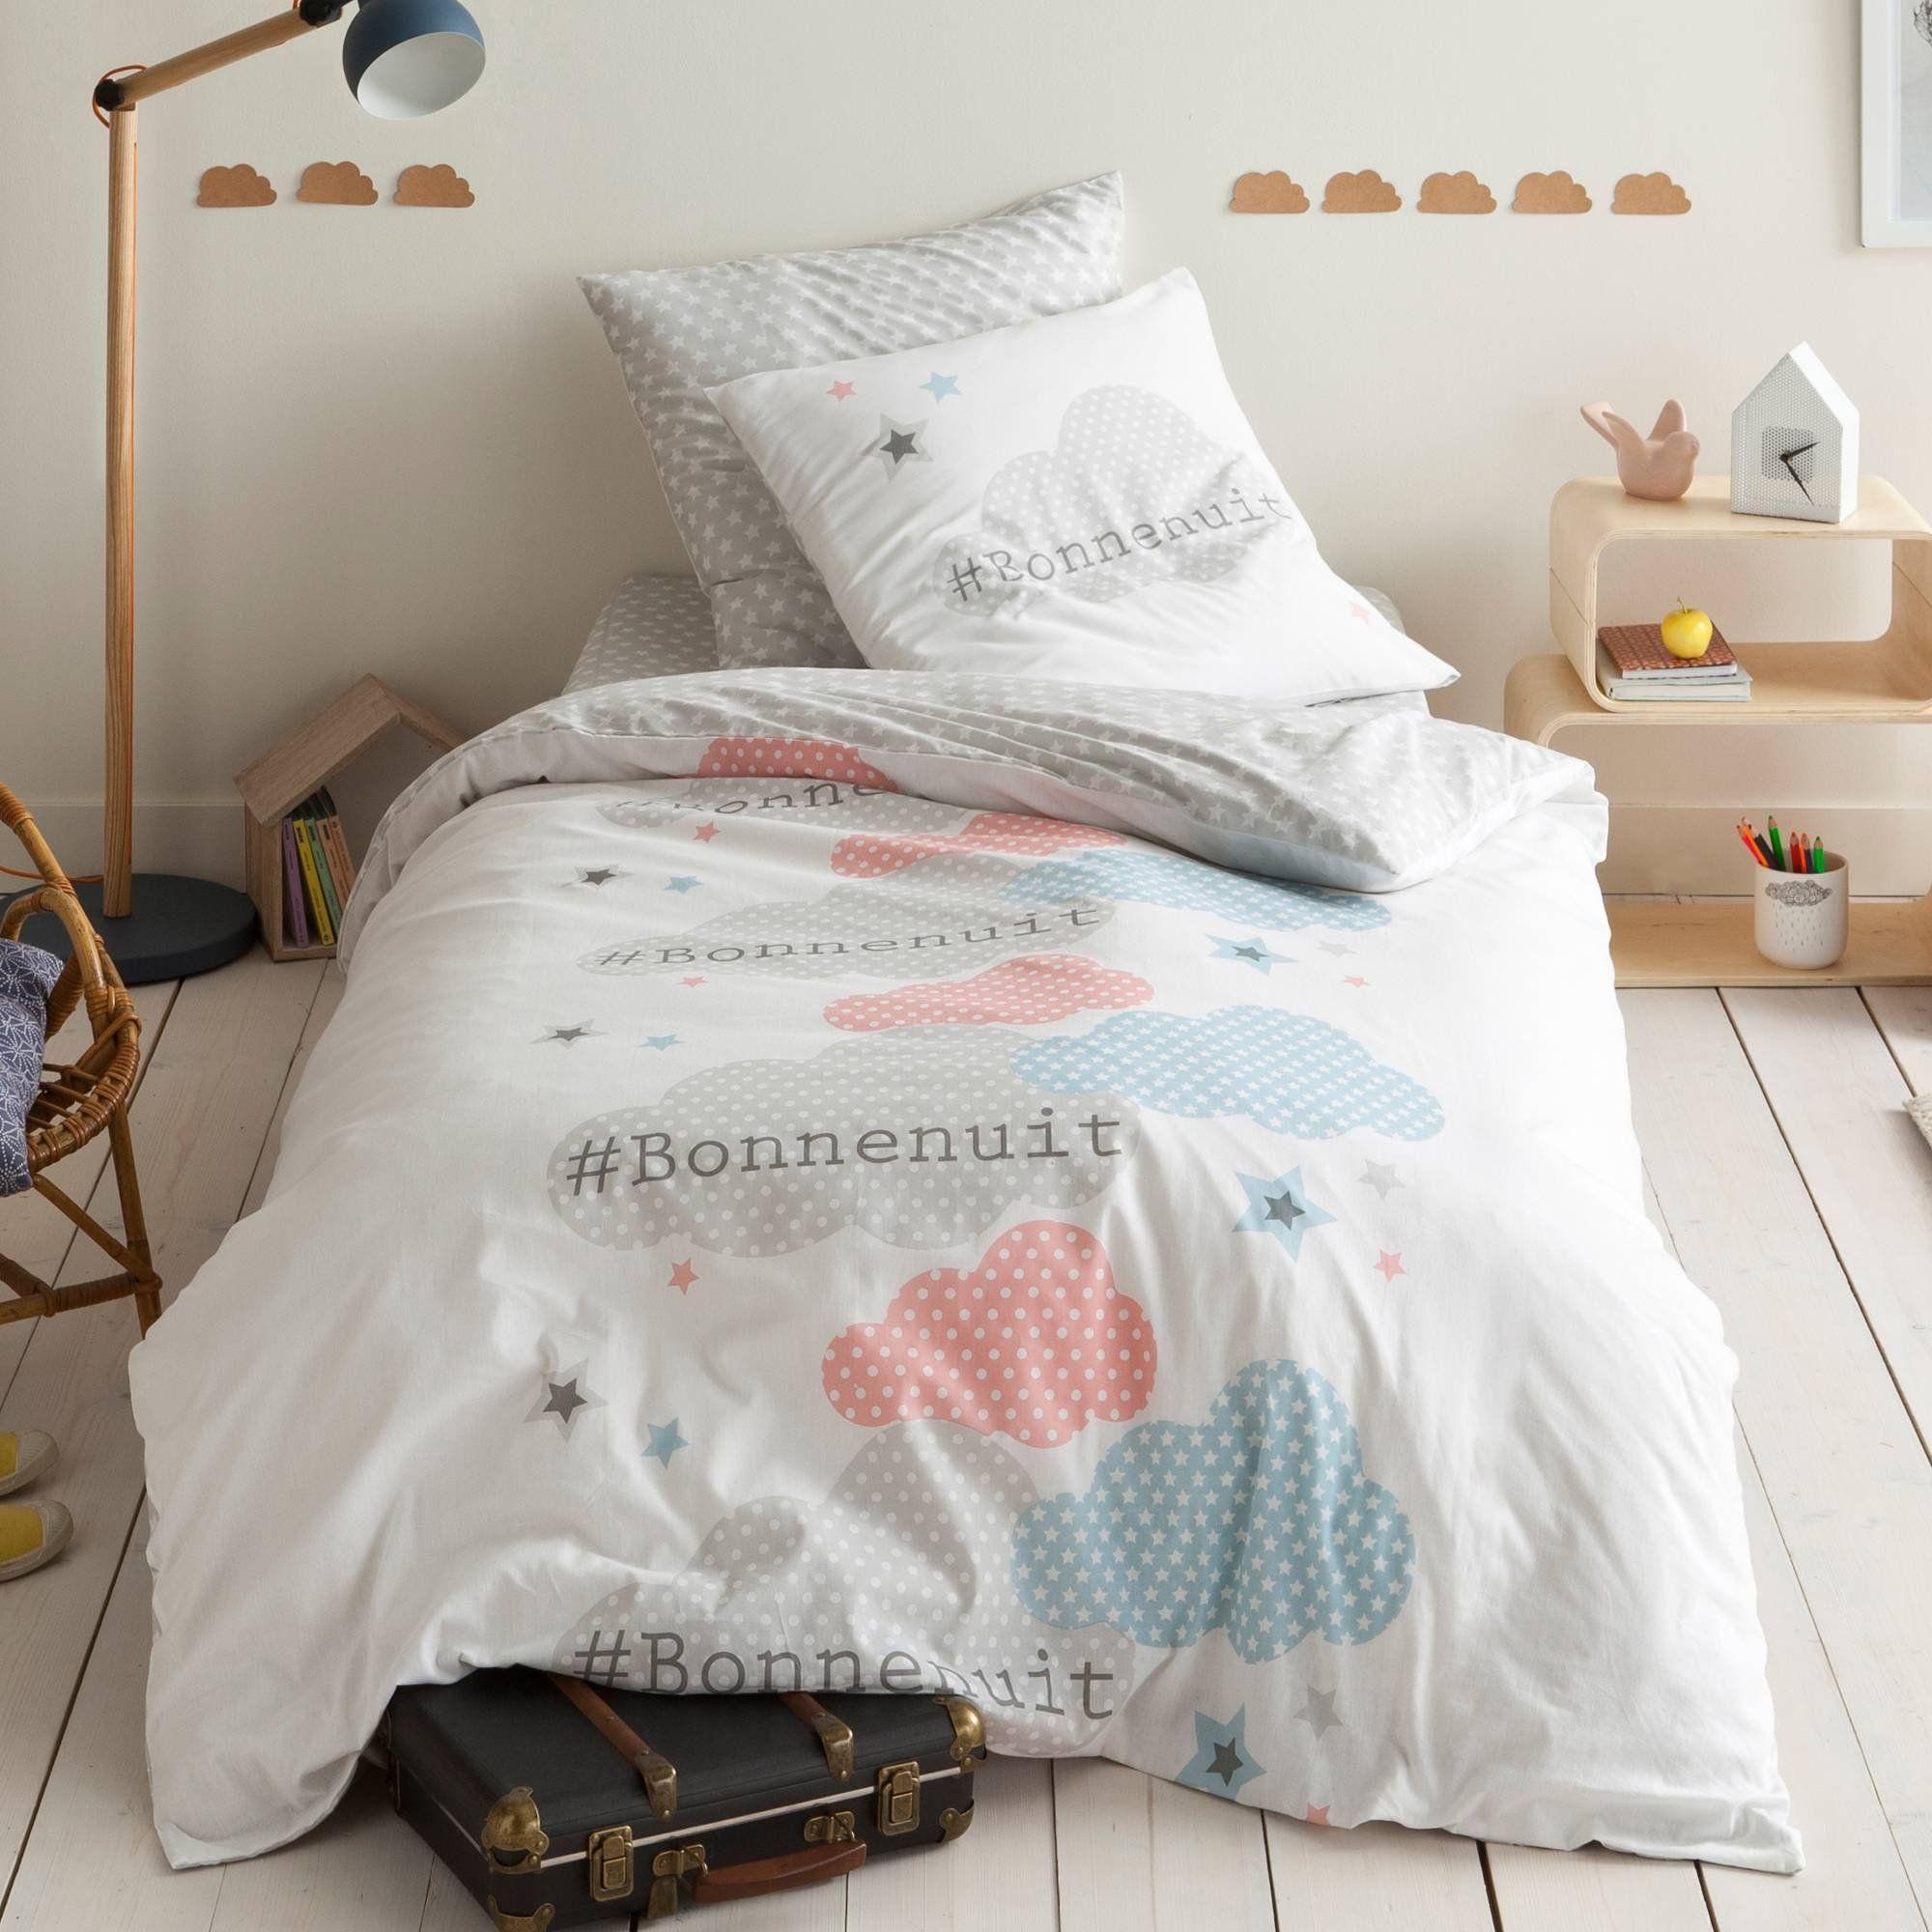 Super Housse de couette coton imprimé Bonne Nuit | Nuits étoilées, Linge  AV55